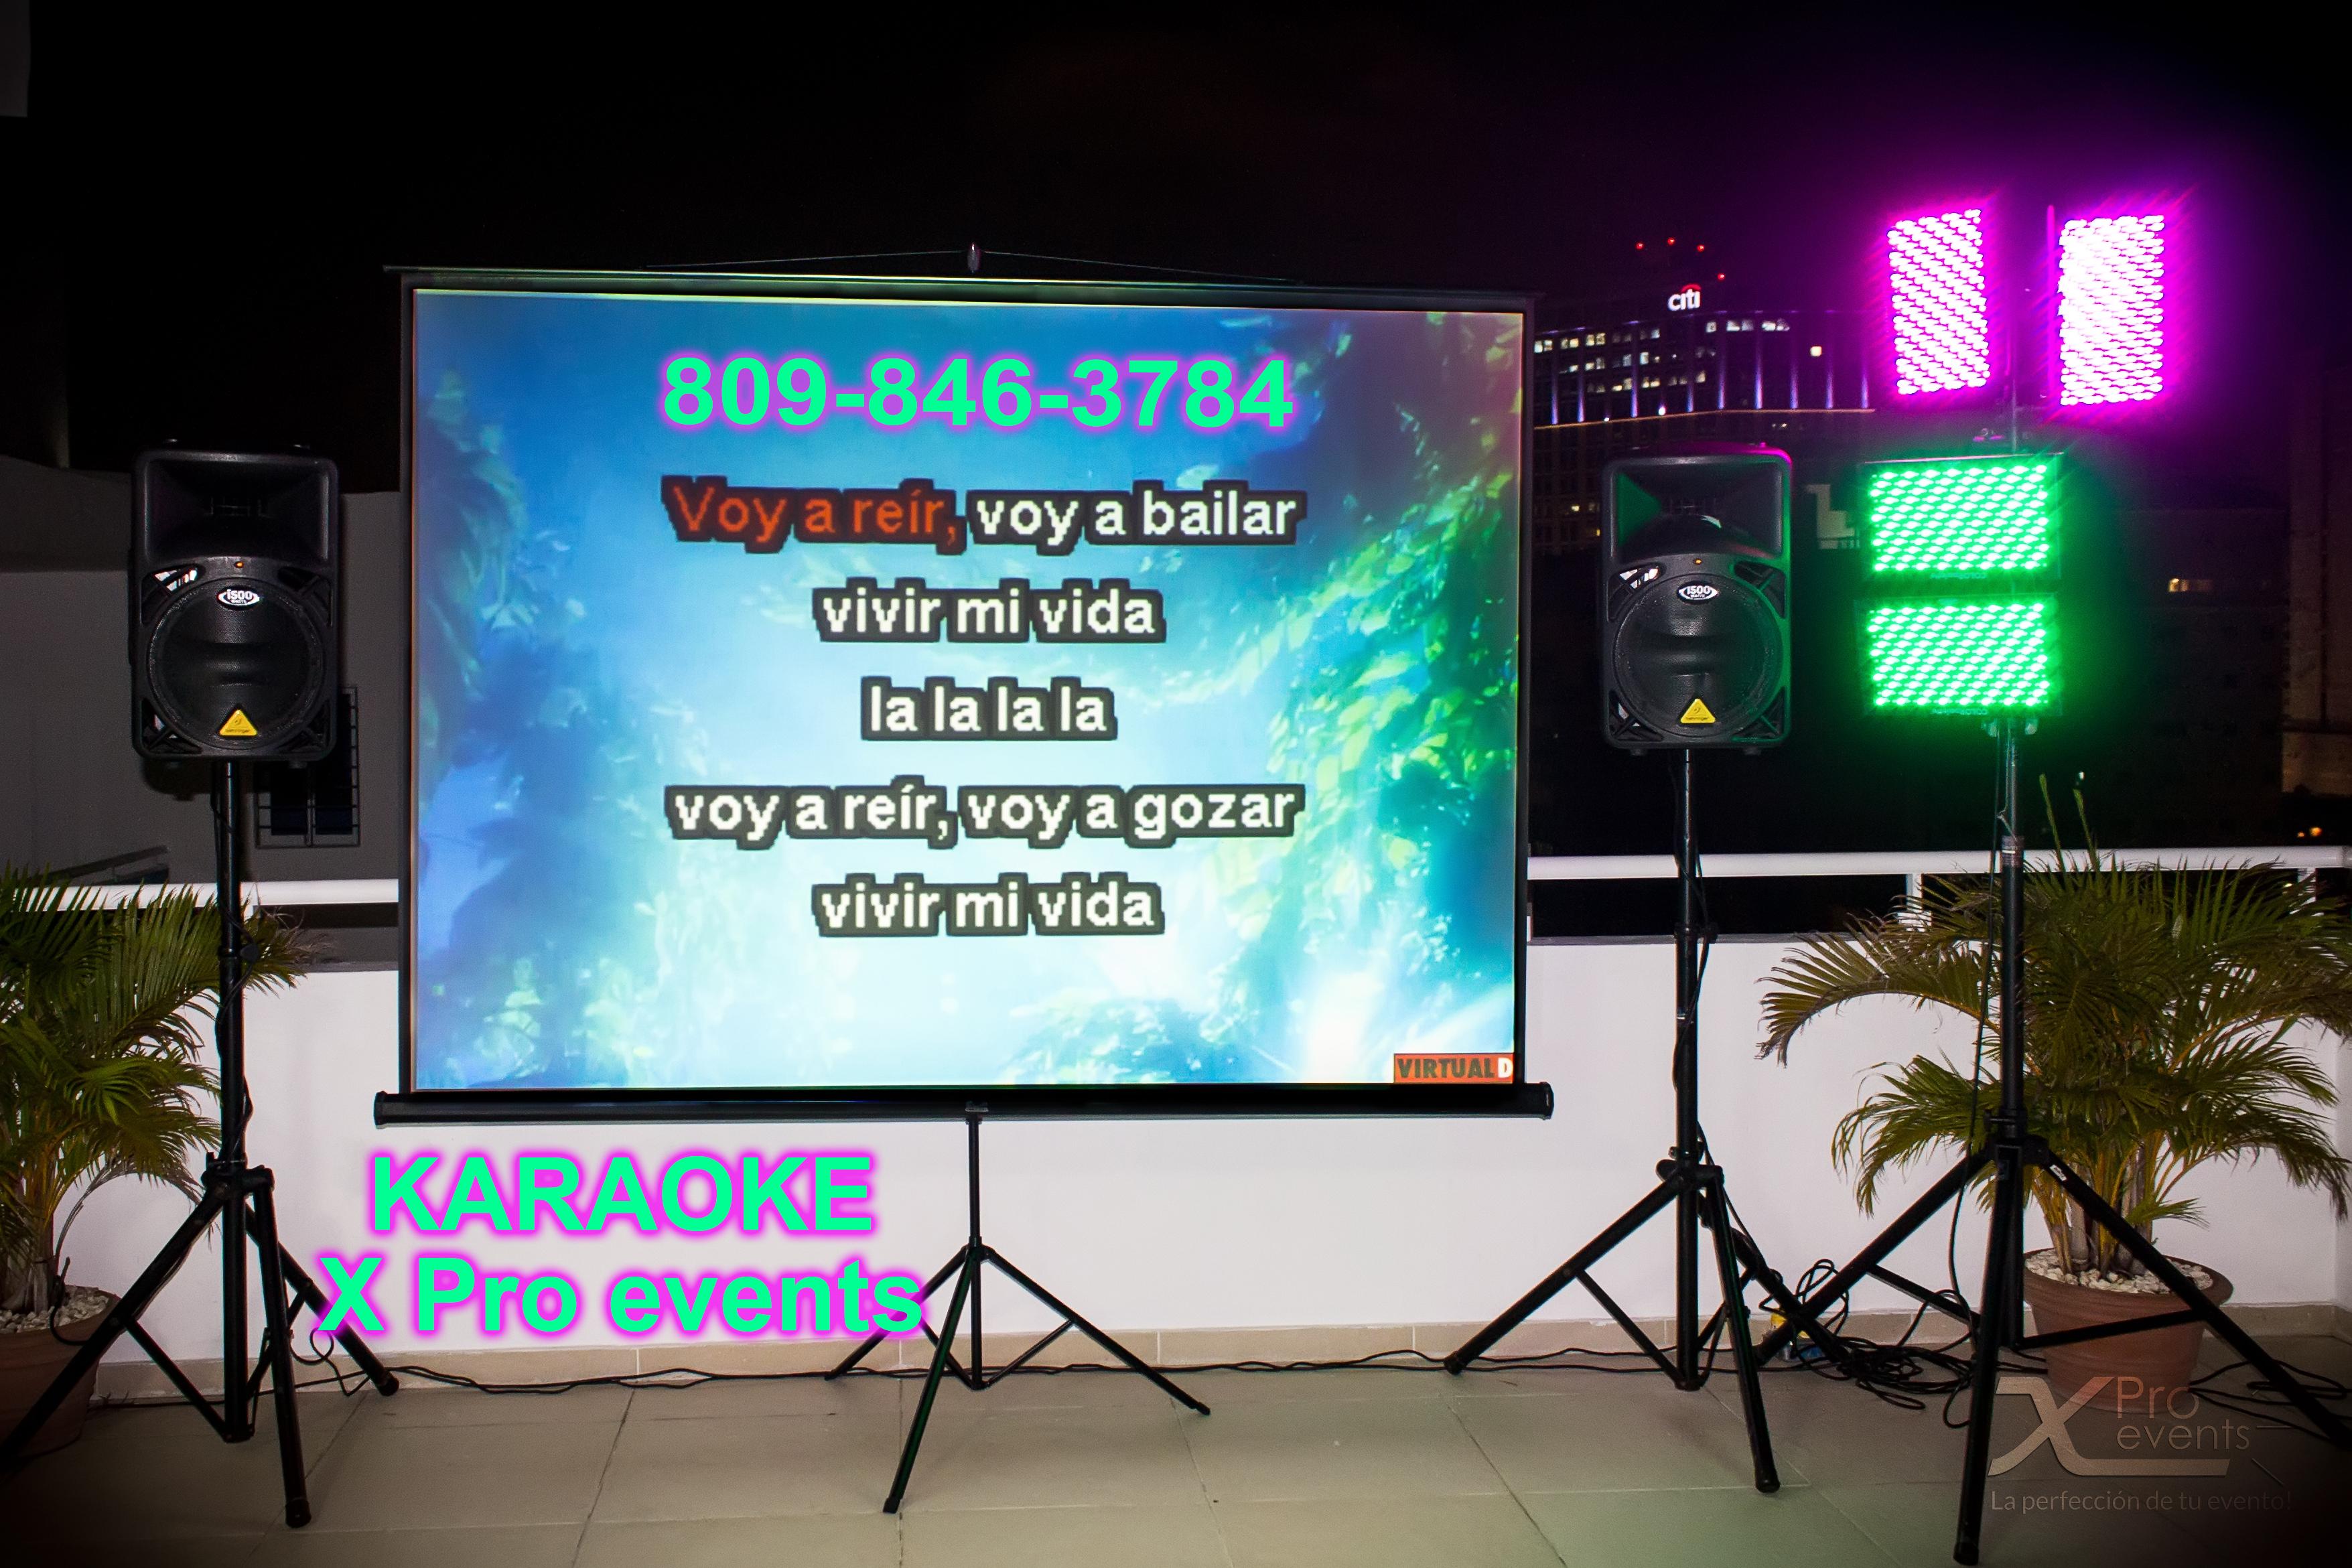 www.Xproevents.com - Servicio de Karaoke con luces y pantalla gigante.jpg